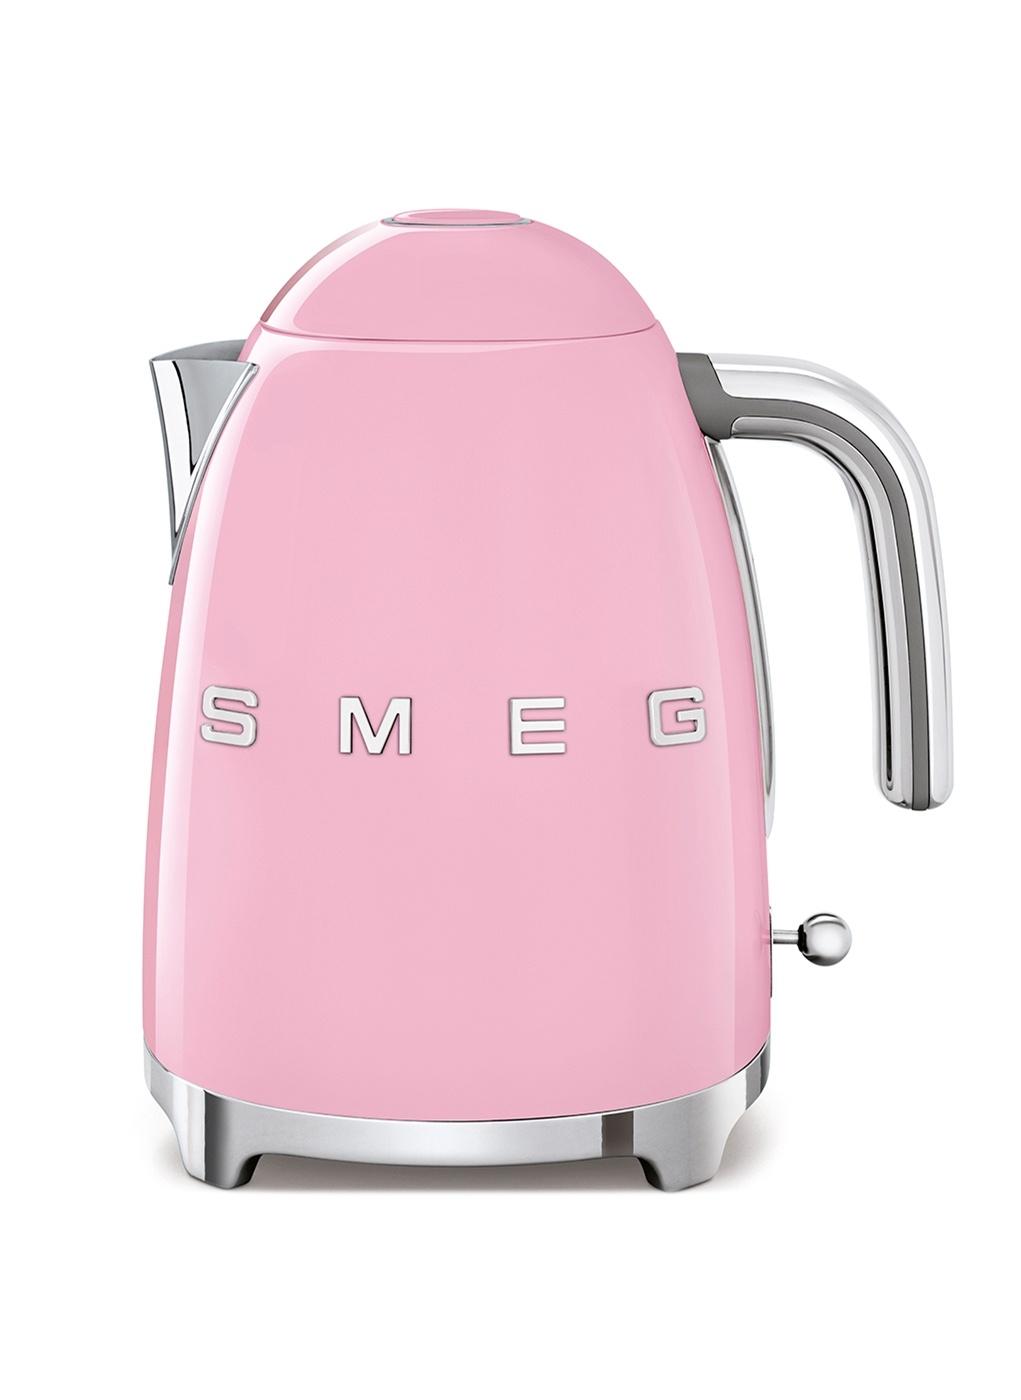 Smeg Smeg 1.7 lt Hazneli Paslanmaz Çelik Kettle Su Isıtıcısı - 28623124